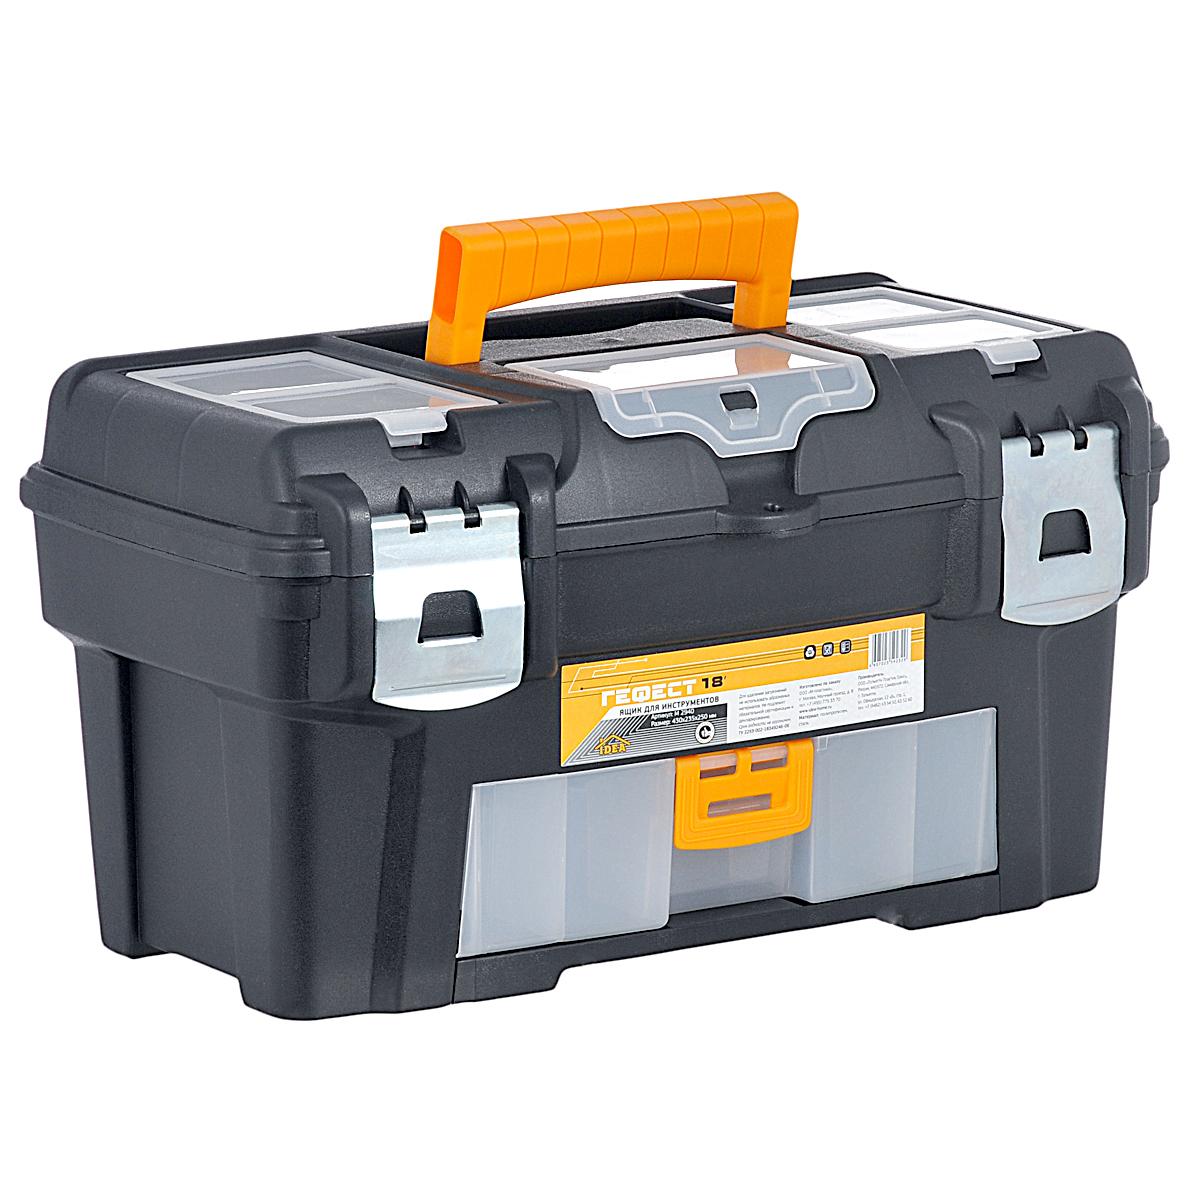 Ящик для инструментов Idea Гефест 18, с органайзером, 43 х 23,5 х 25 смМ 2940Ящик Idea Гефест 18 изготовлен из прочного пластика и предназначен для хранения и переноски инструментов. Вместительный, внутри имеет большое главное отделение. В комплект входит съемный лоток с ручкой для инструментов.На лицевой стороне ящика находится органайзер. Крышка оснащена двумя органайзерами и отделением для хранения бит. Ящик закрывается при помощи крепких стальных защелок, которые не допускают случайного открывания.Для более комфортного переноса в руках, на крышке ящика предусмотрена удобная ручка.